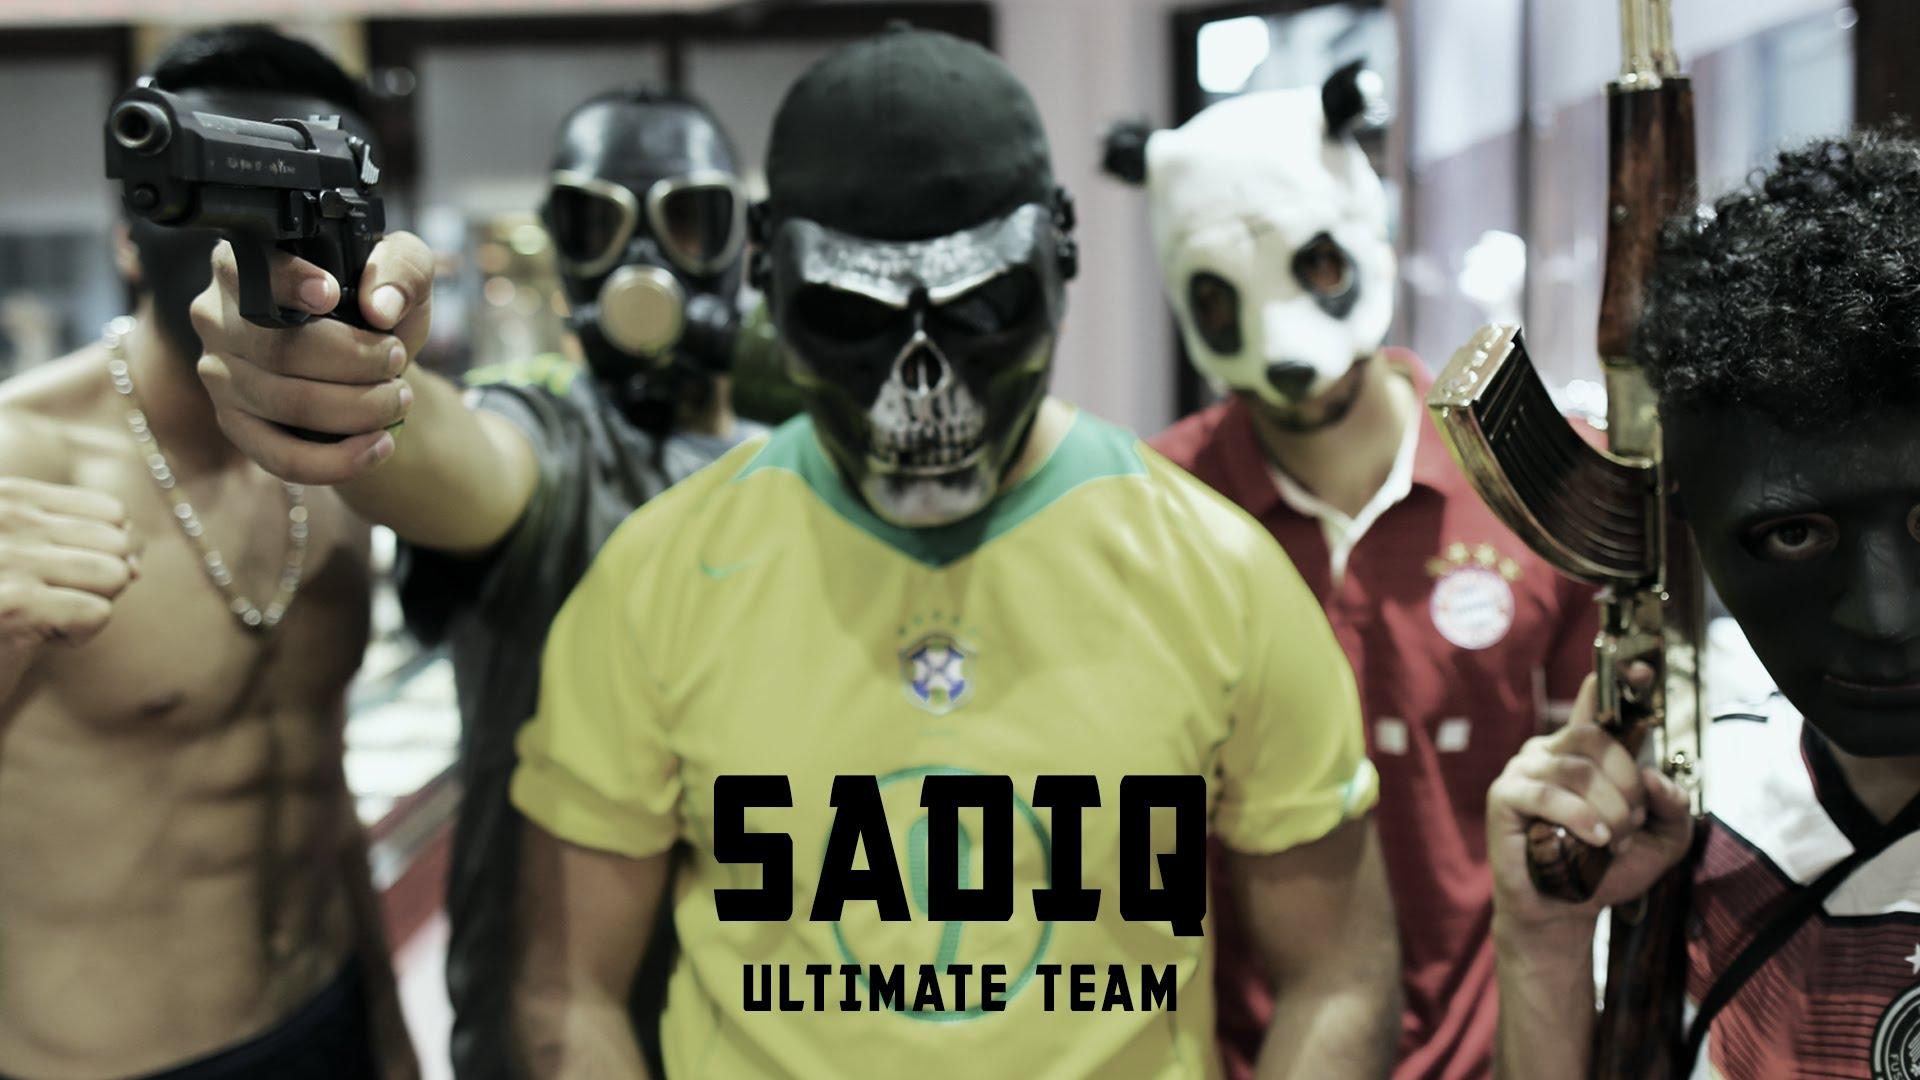 sadiq-ultimate-team